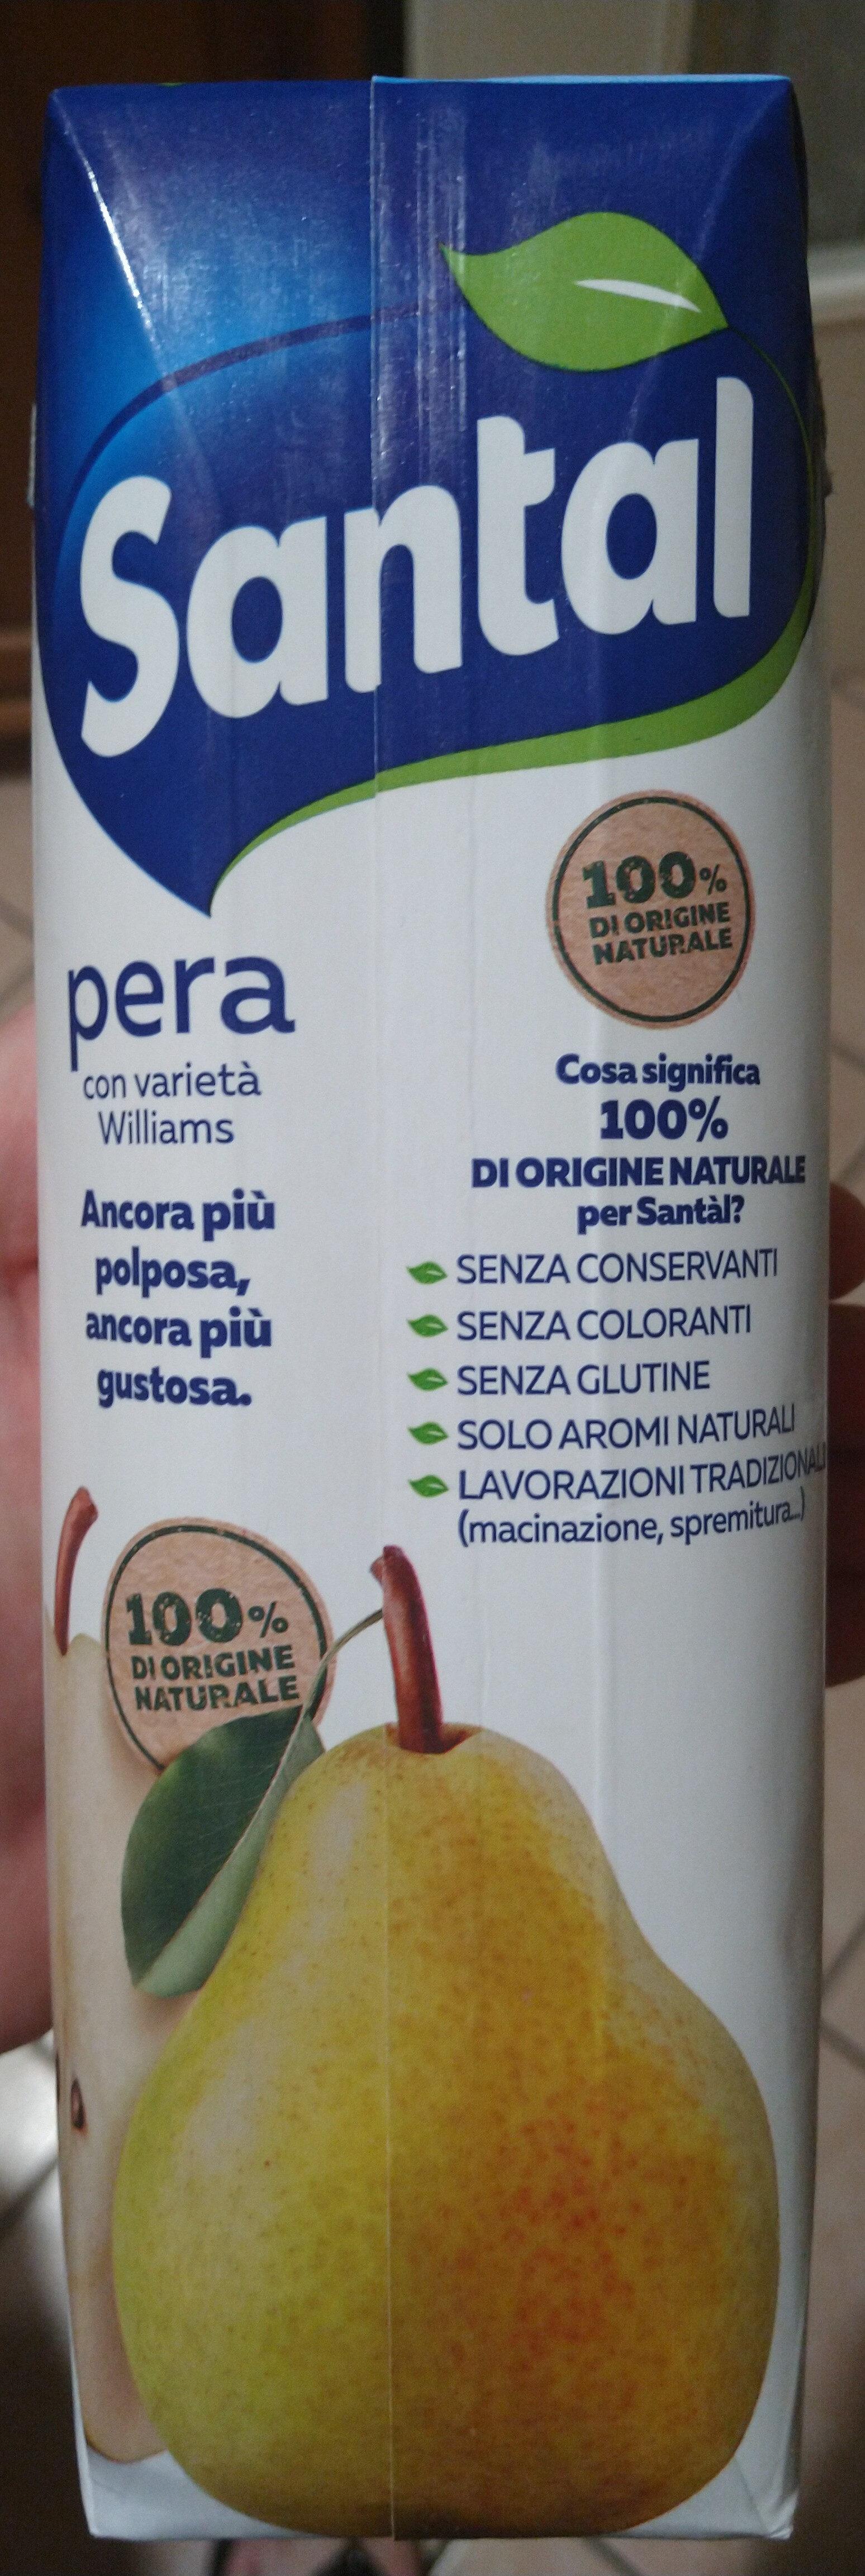 Bevanda a base di purea di Pera da concentrato (frutto: 50% minimo) - Prodotto - it